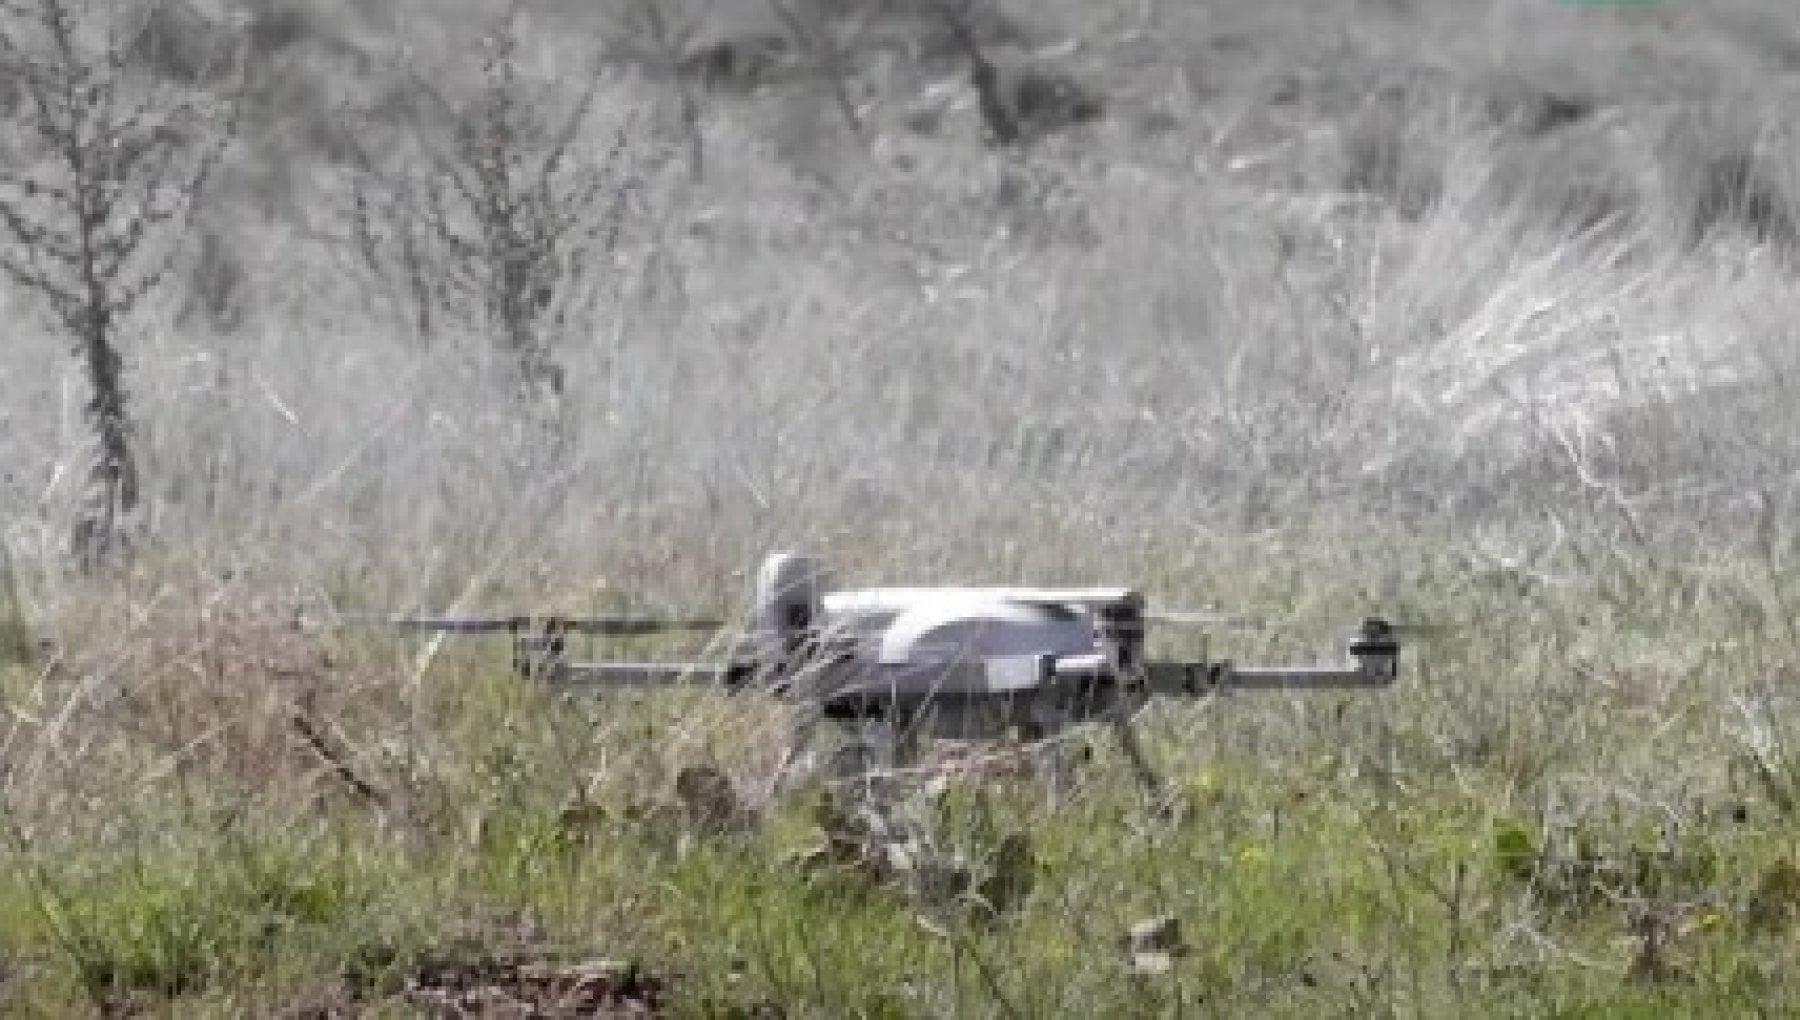 """210844411 21d6da78 22d5 4750 8d3a 094db230e812 - Ora i droni scelgono chi uccidere. """"In Libia raid turchi guidati da robot"""""""